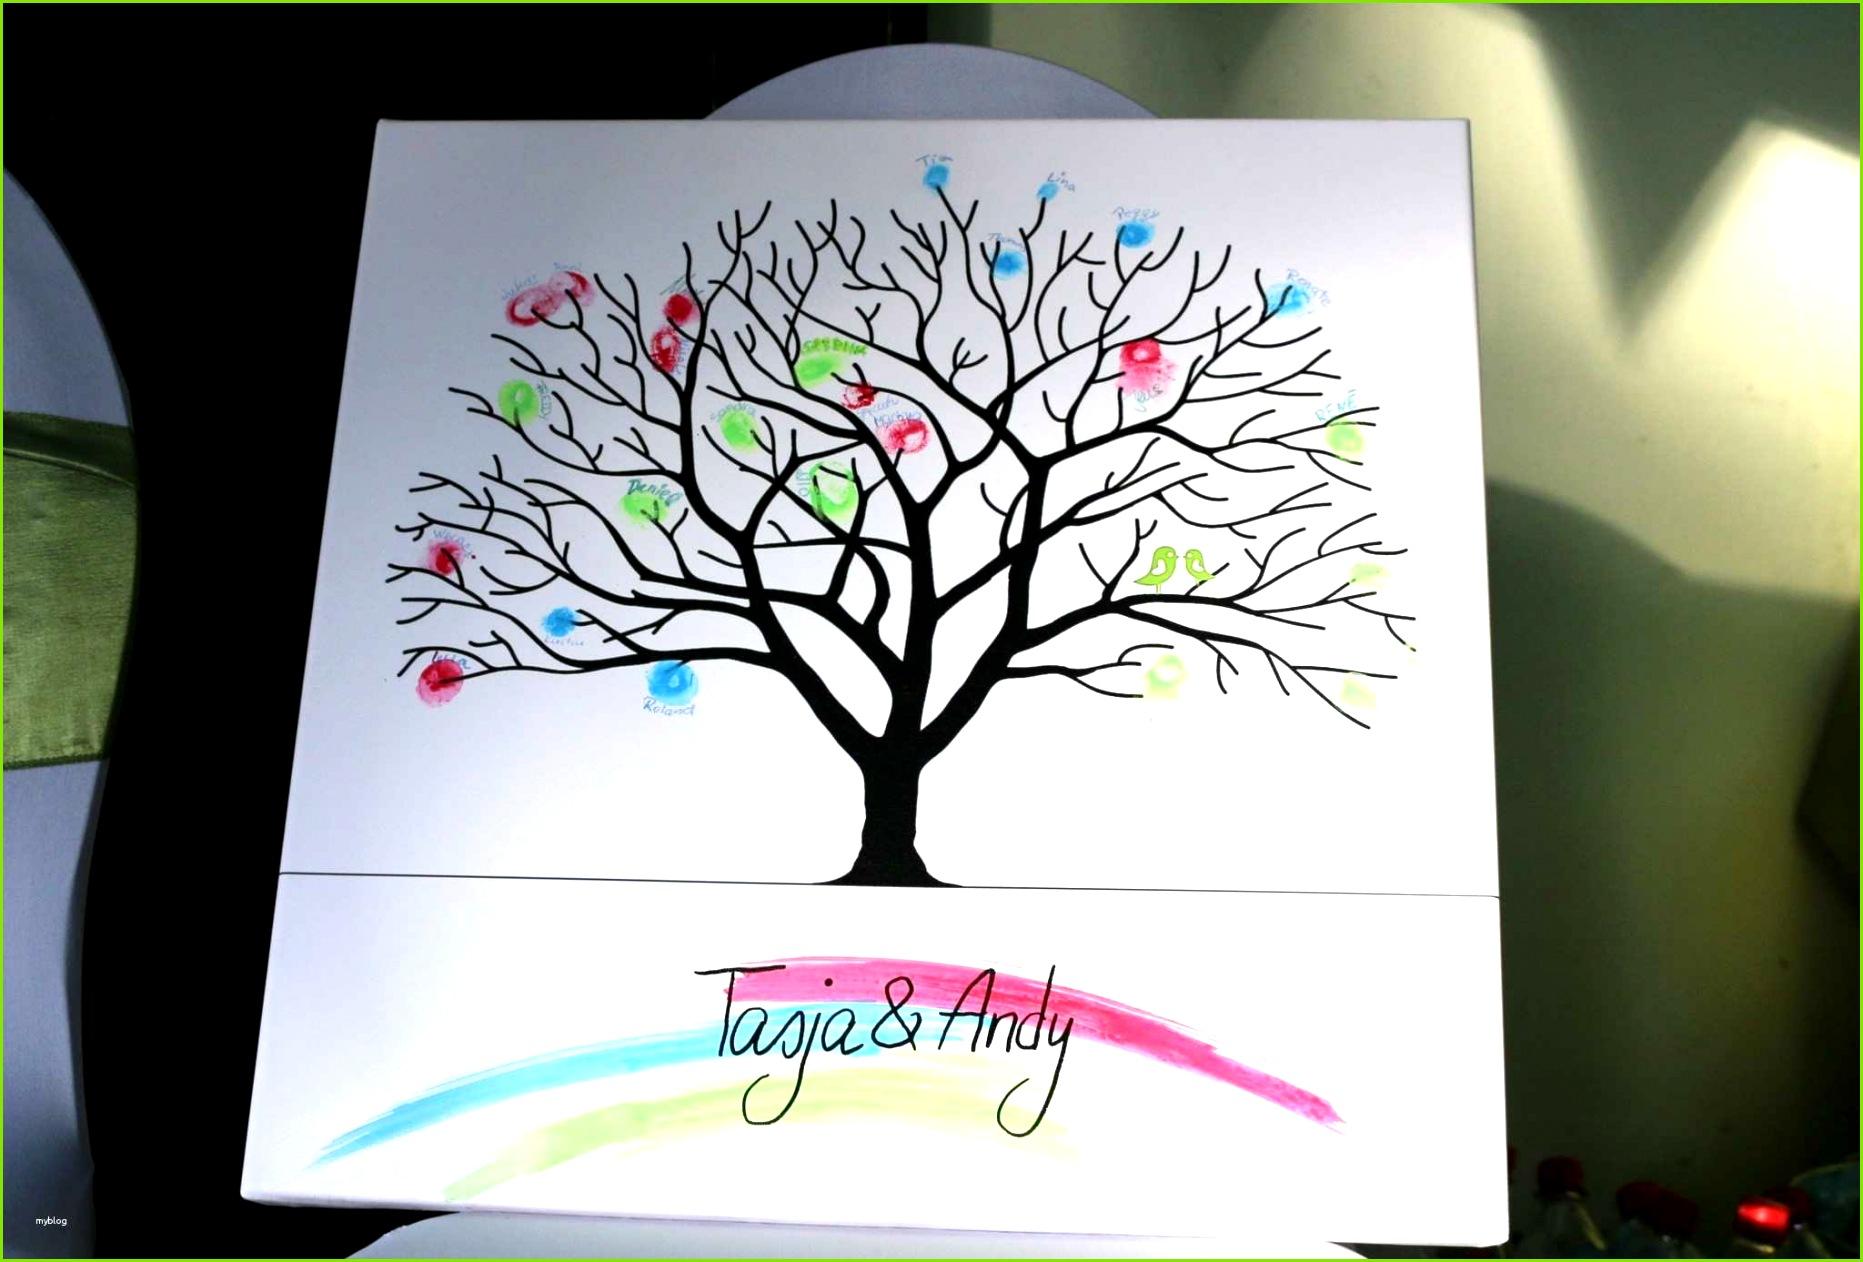 Hochzeit Bild Malen Gäste Vorlage Wunderbar Hochzeitsbaum Auf